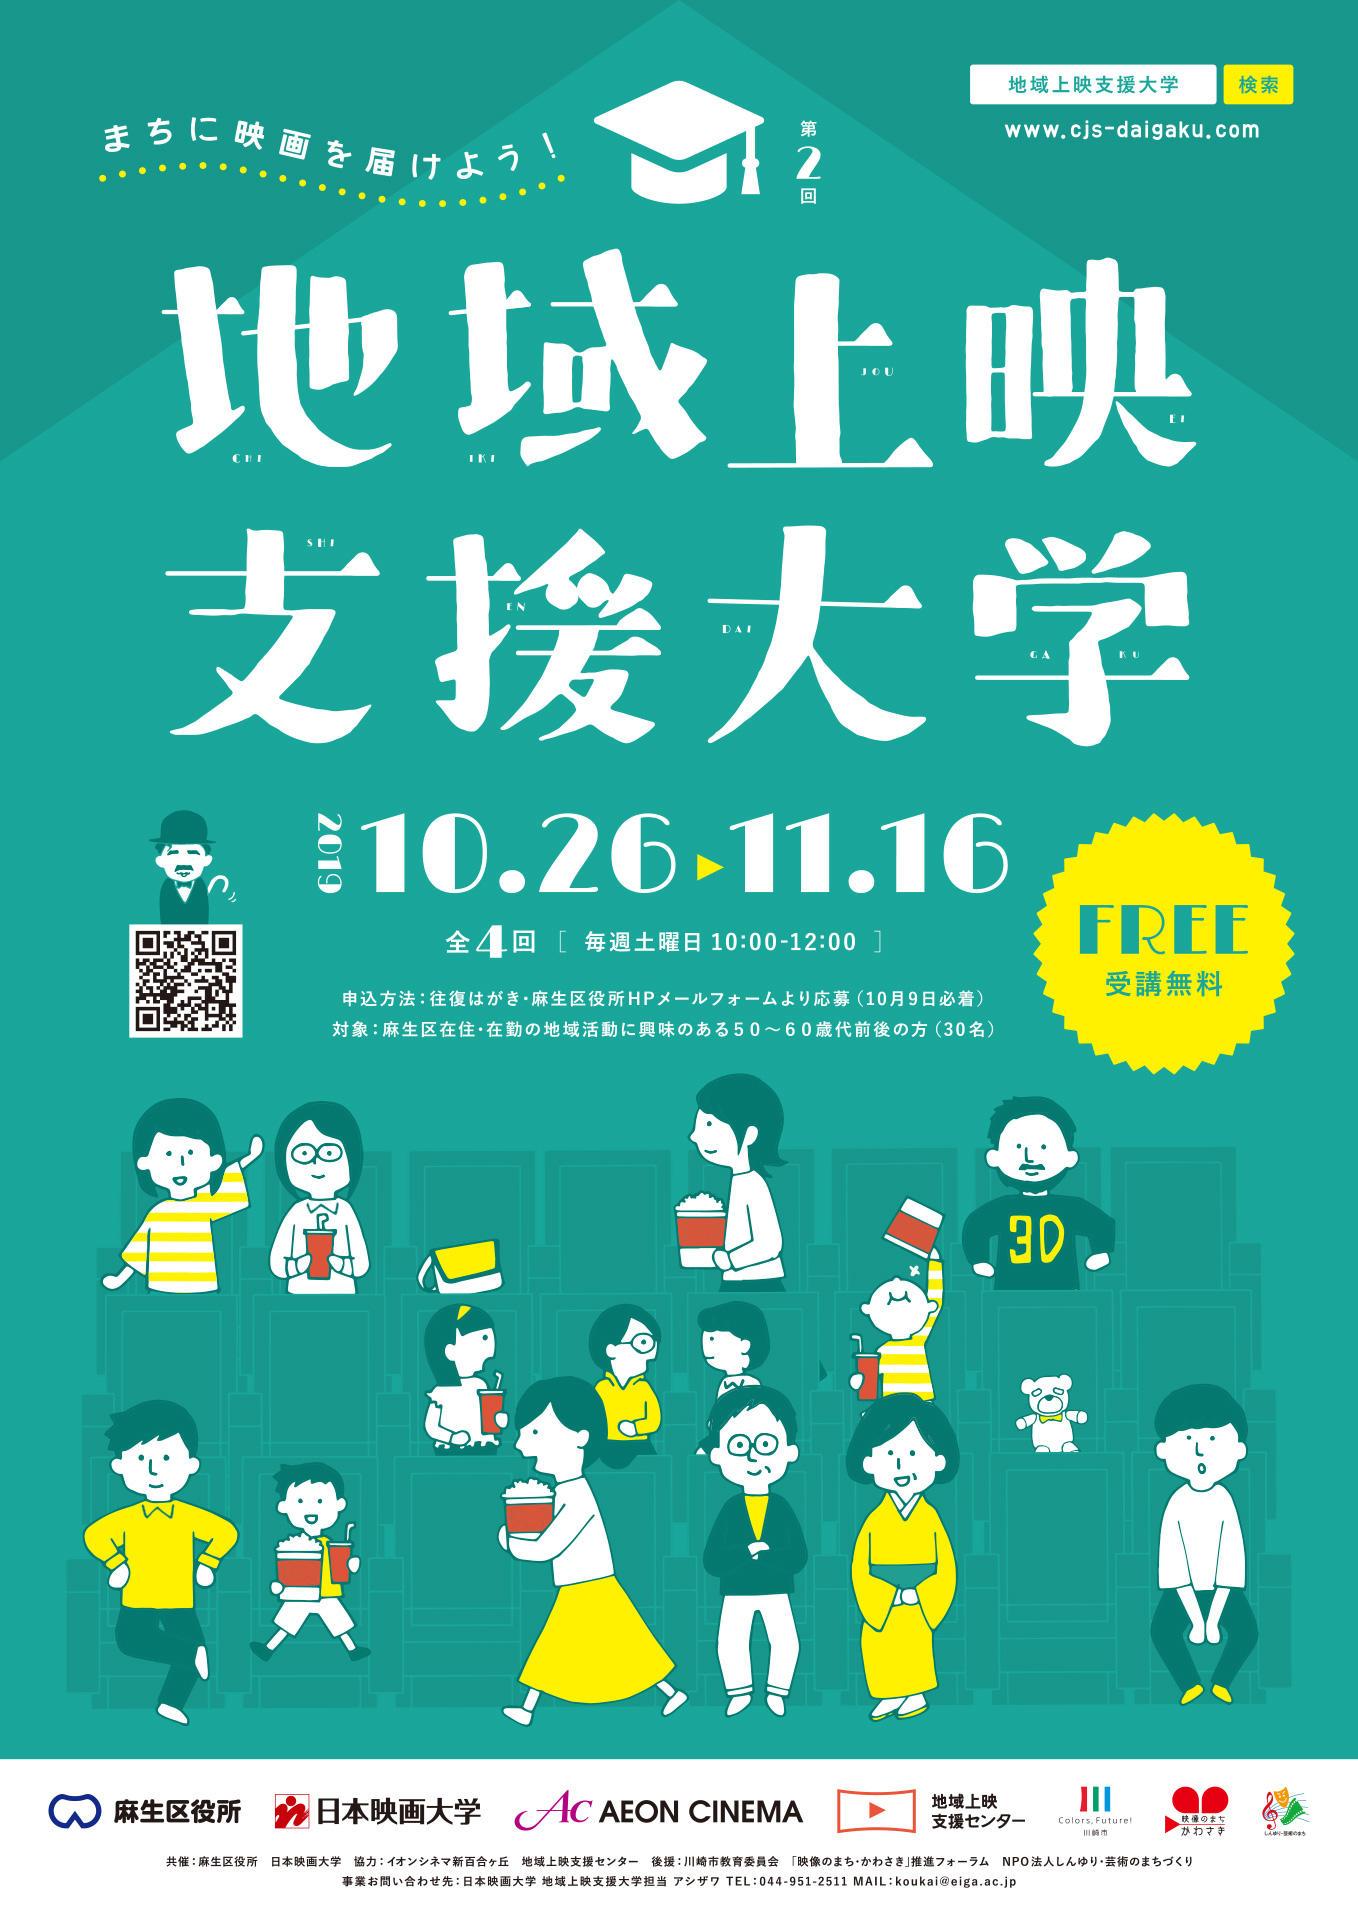 日本映画大学が「地域上映支援大学~まちに映画を届けよう~」を10月26日から11月16日にかけて開講 -- 映画上映のノウハウを学ぶ講座を川崎市麻生区役所と共催